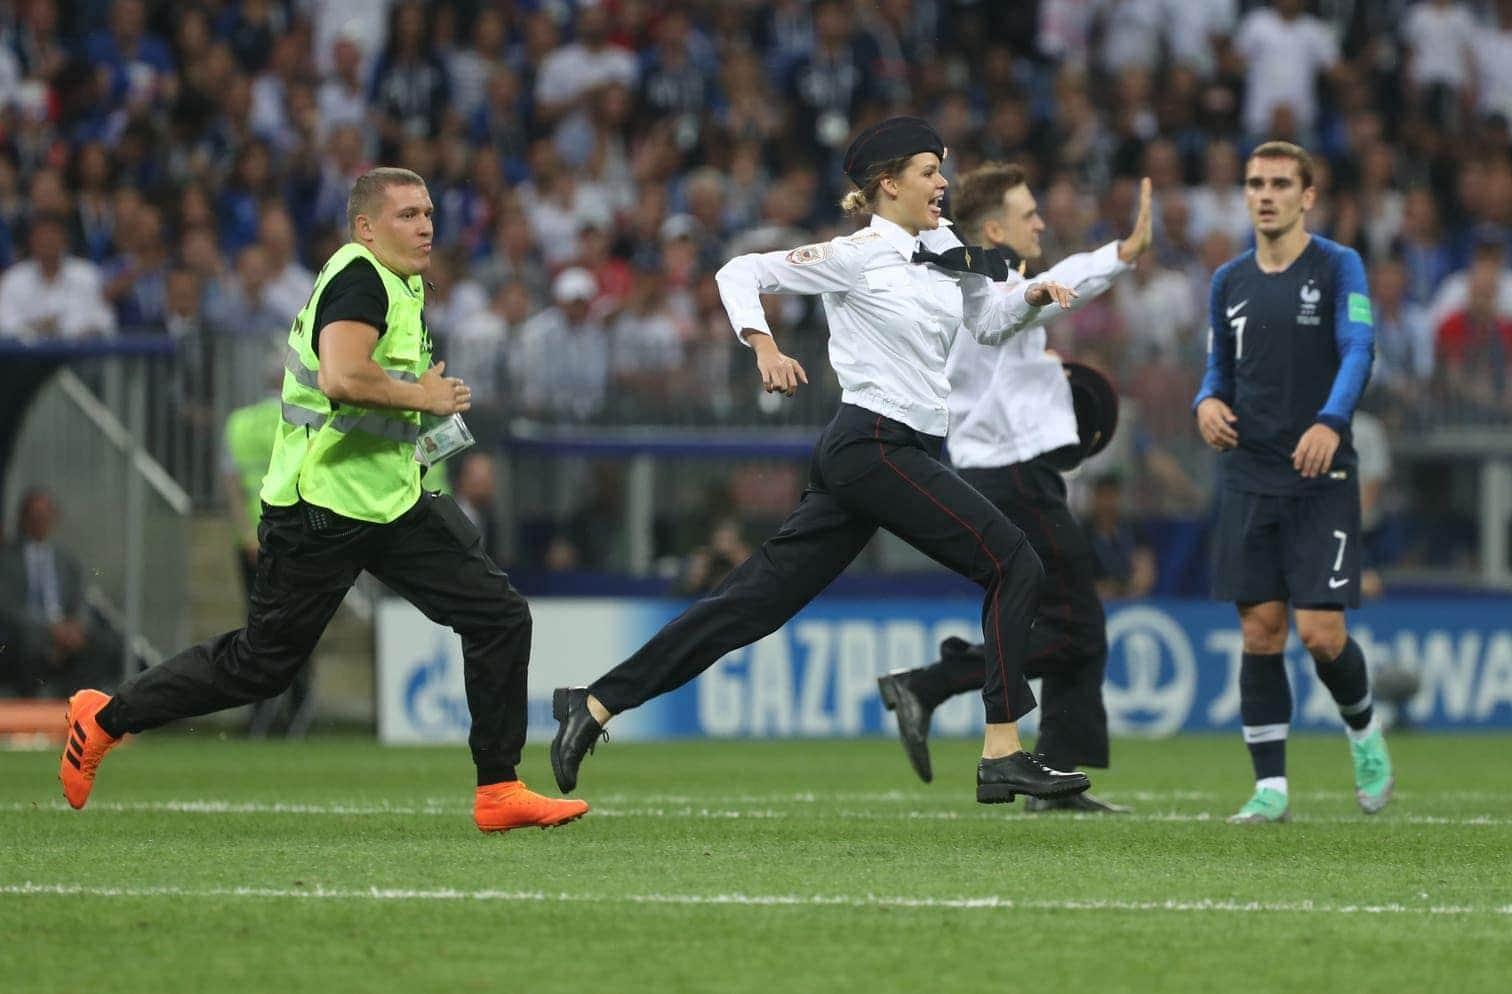 in der Mitte des Spielfelds den französischen Stürmer Kylian Mbappé abzuklatschen